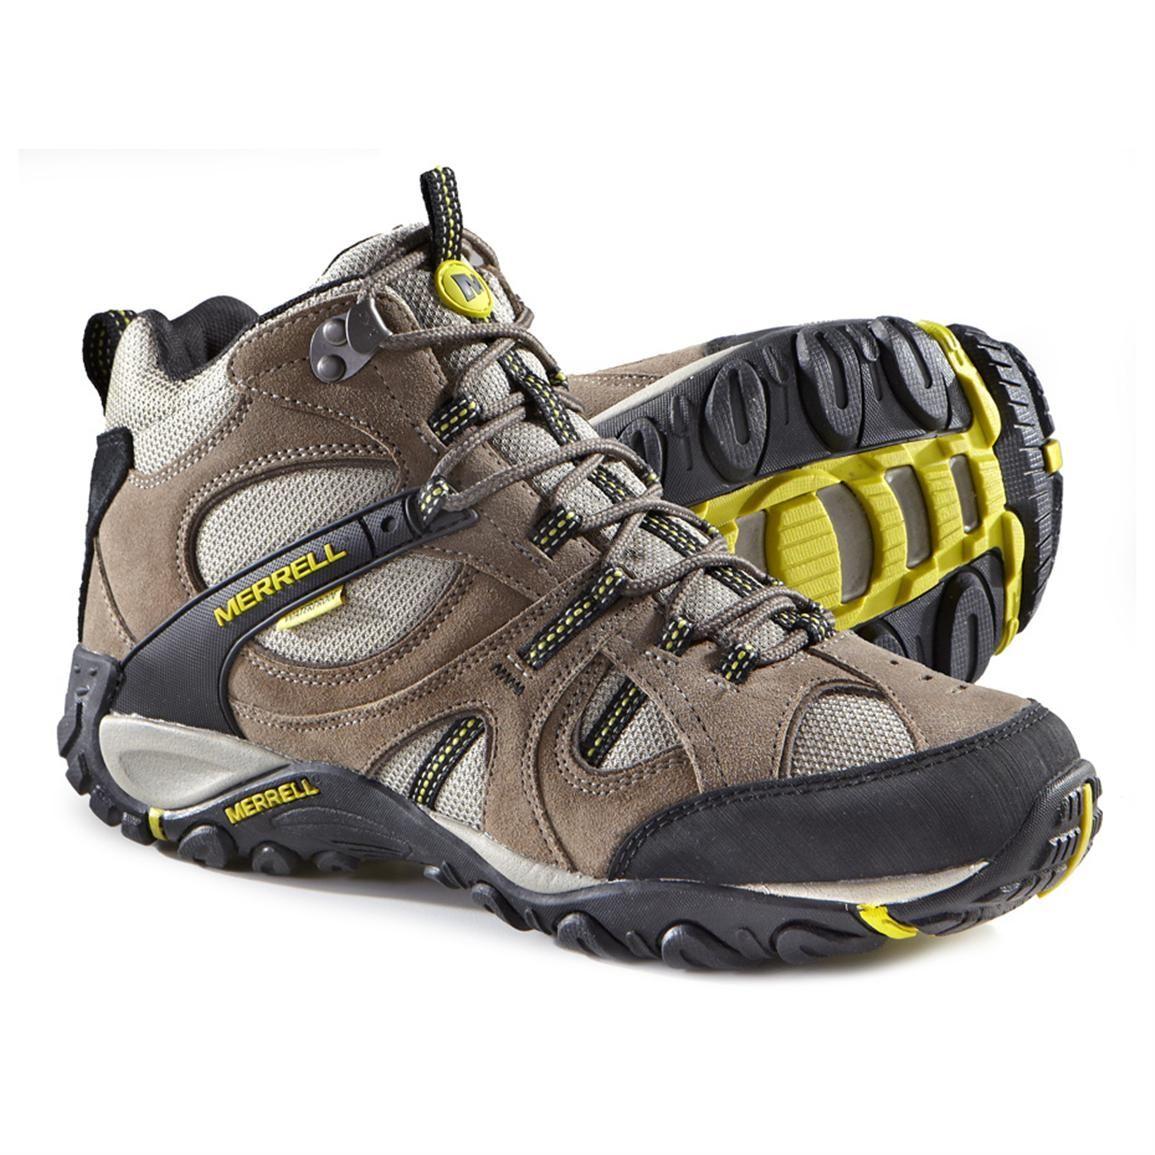 46f047f4b8d Men s Merrell® Yokota Trail Waterproof Mid Hiking Boots